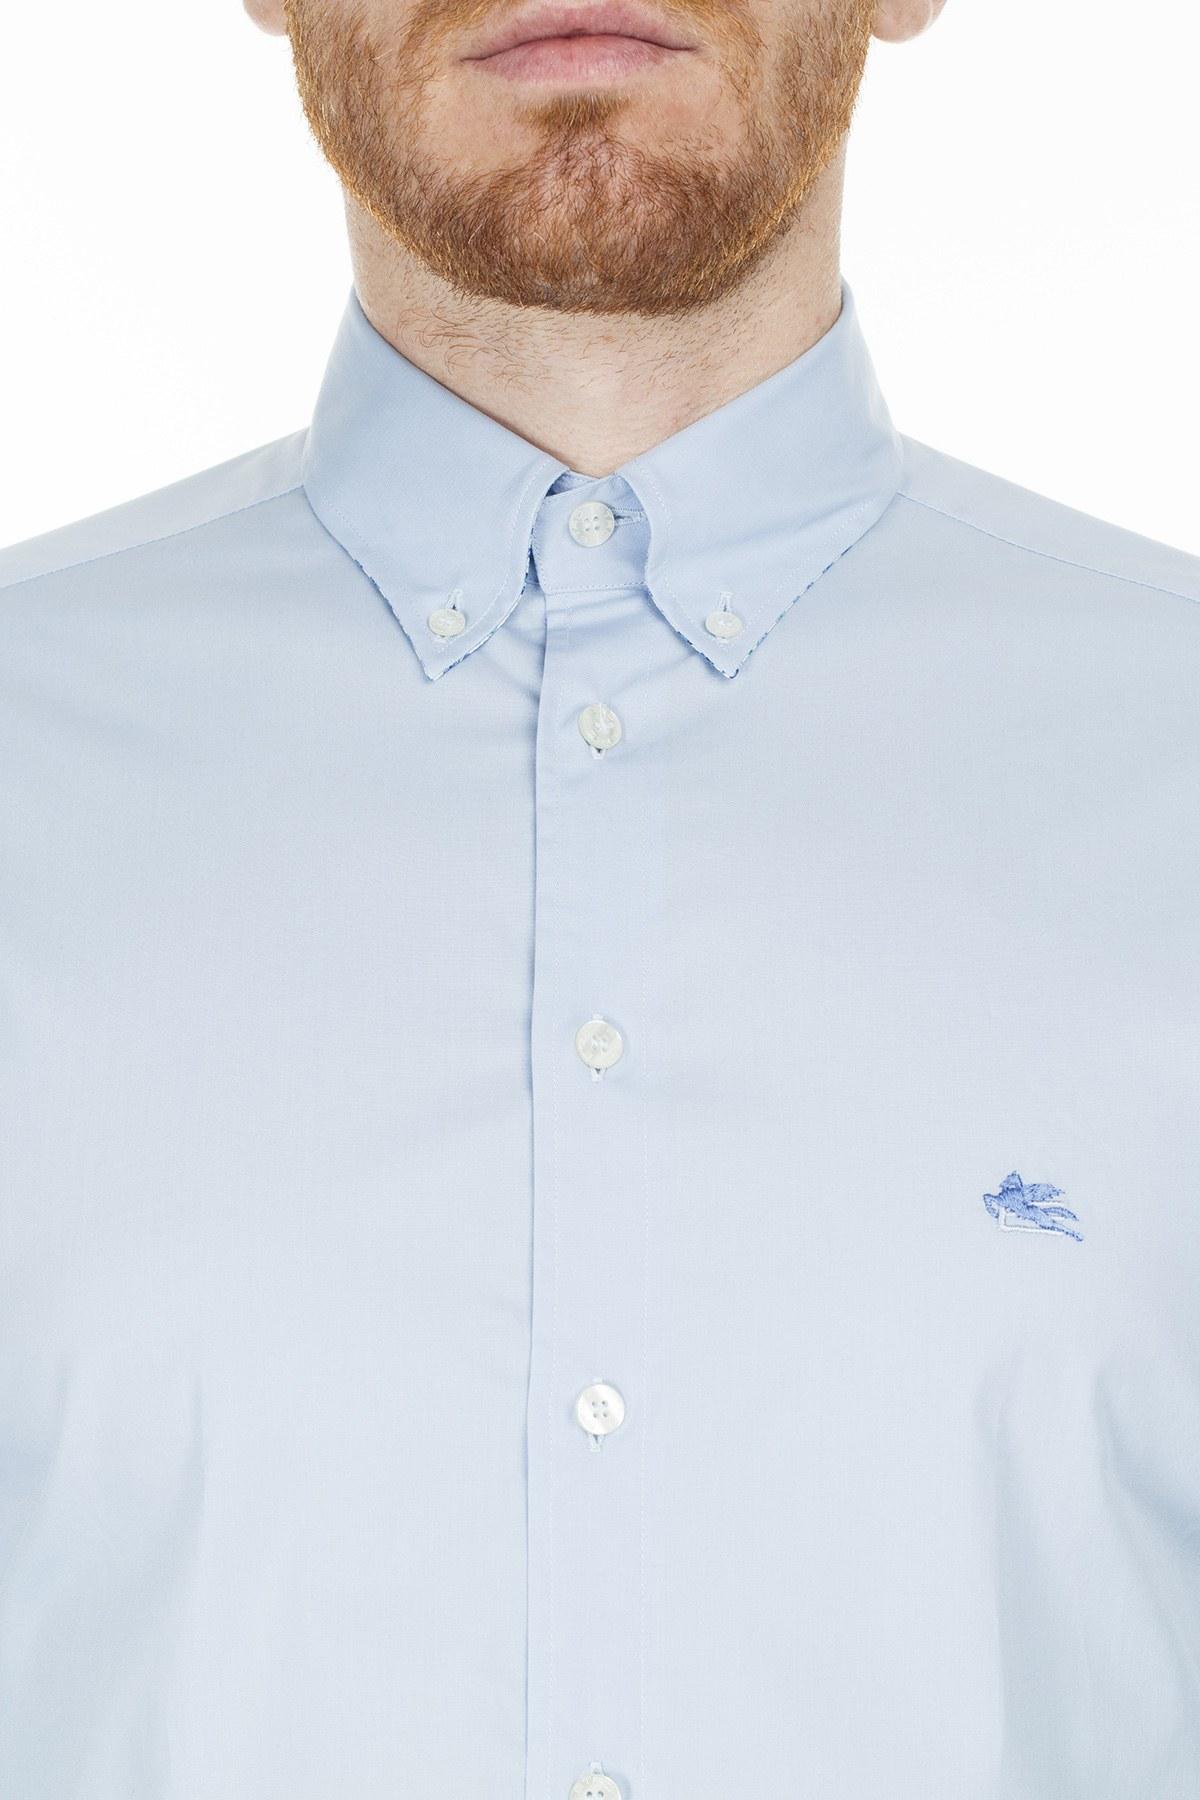 Etro Slim Fit Erkek Gömlek 1K964 6400 250 MAVİ